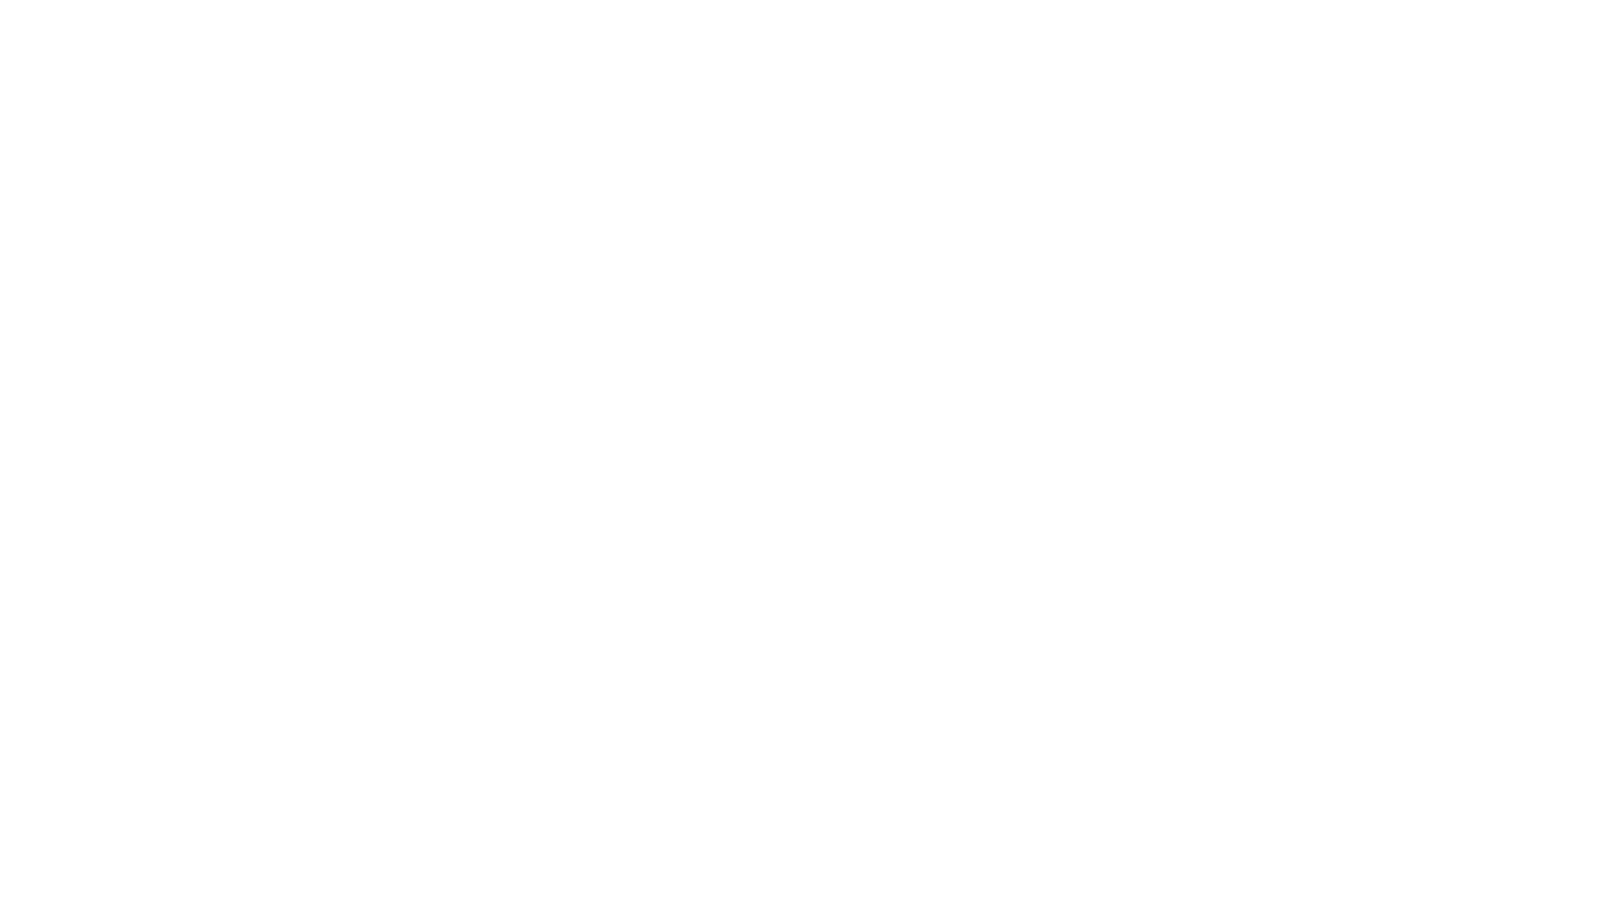 Retrouvez-nous encore dans Marie Claire Maison : Marie Claire Maison vous fera découvrir les dernières tendances et toutes les nouveautés du design et de l'Architecture en France et dans le monde.  Une video by Marie Claire Maison dediée exclusivement à l'un de nos projets en Ile de France: un triplex industriel à Montreuil dessiné, rénové et aménagé par Loft75 - Design & Architecture d'intérieur.